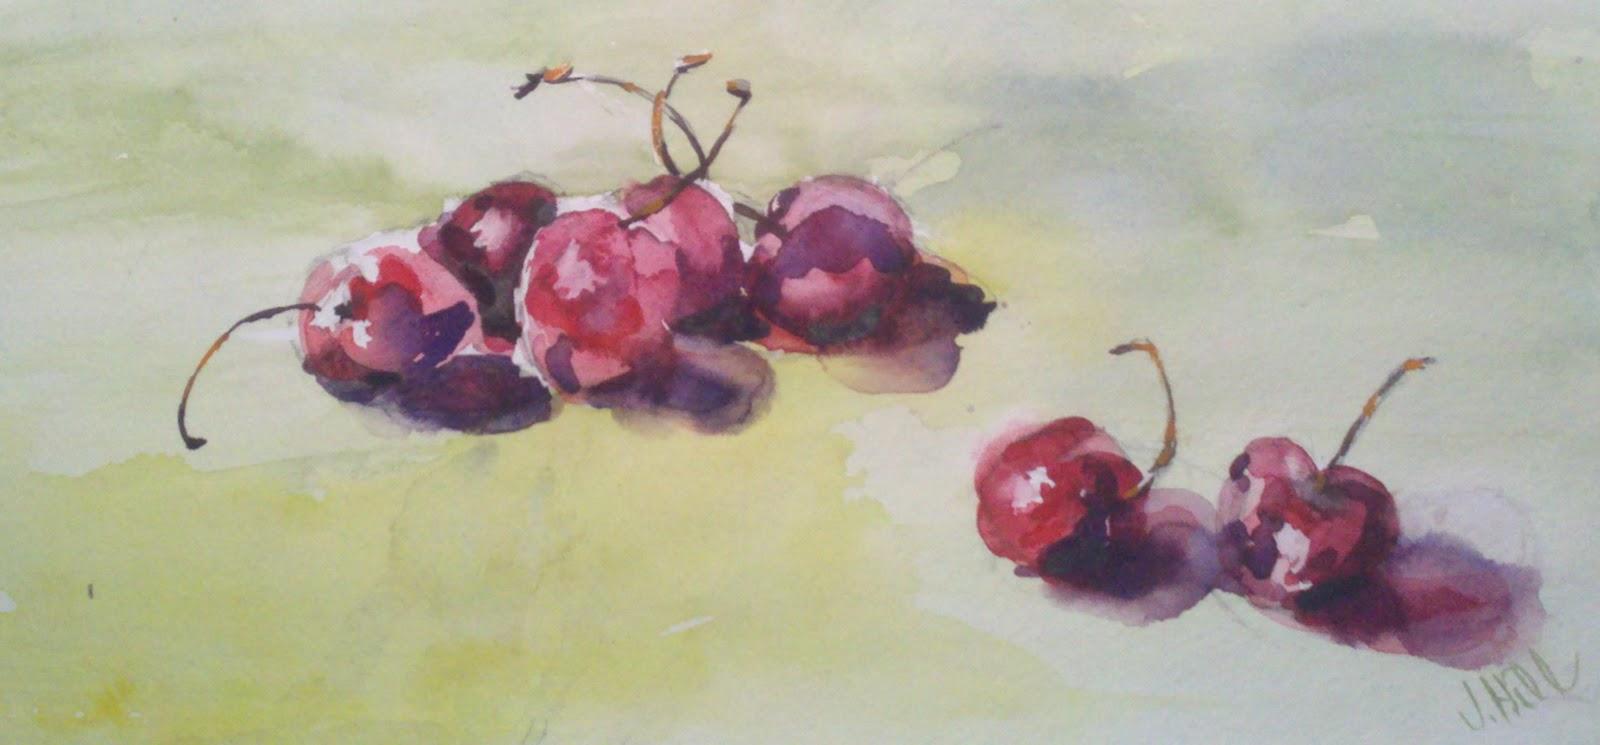 Rollie Pollie Cherries original fine art by Julie Hill